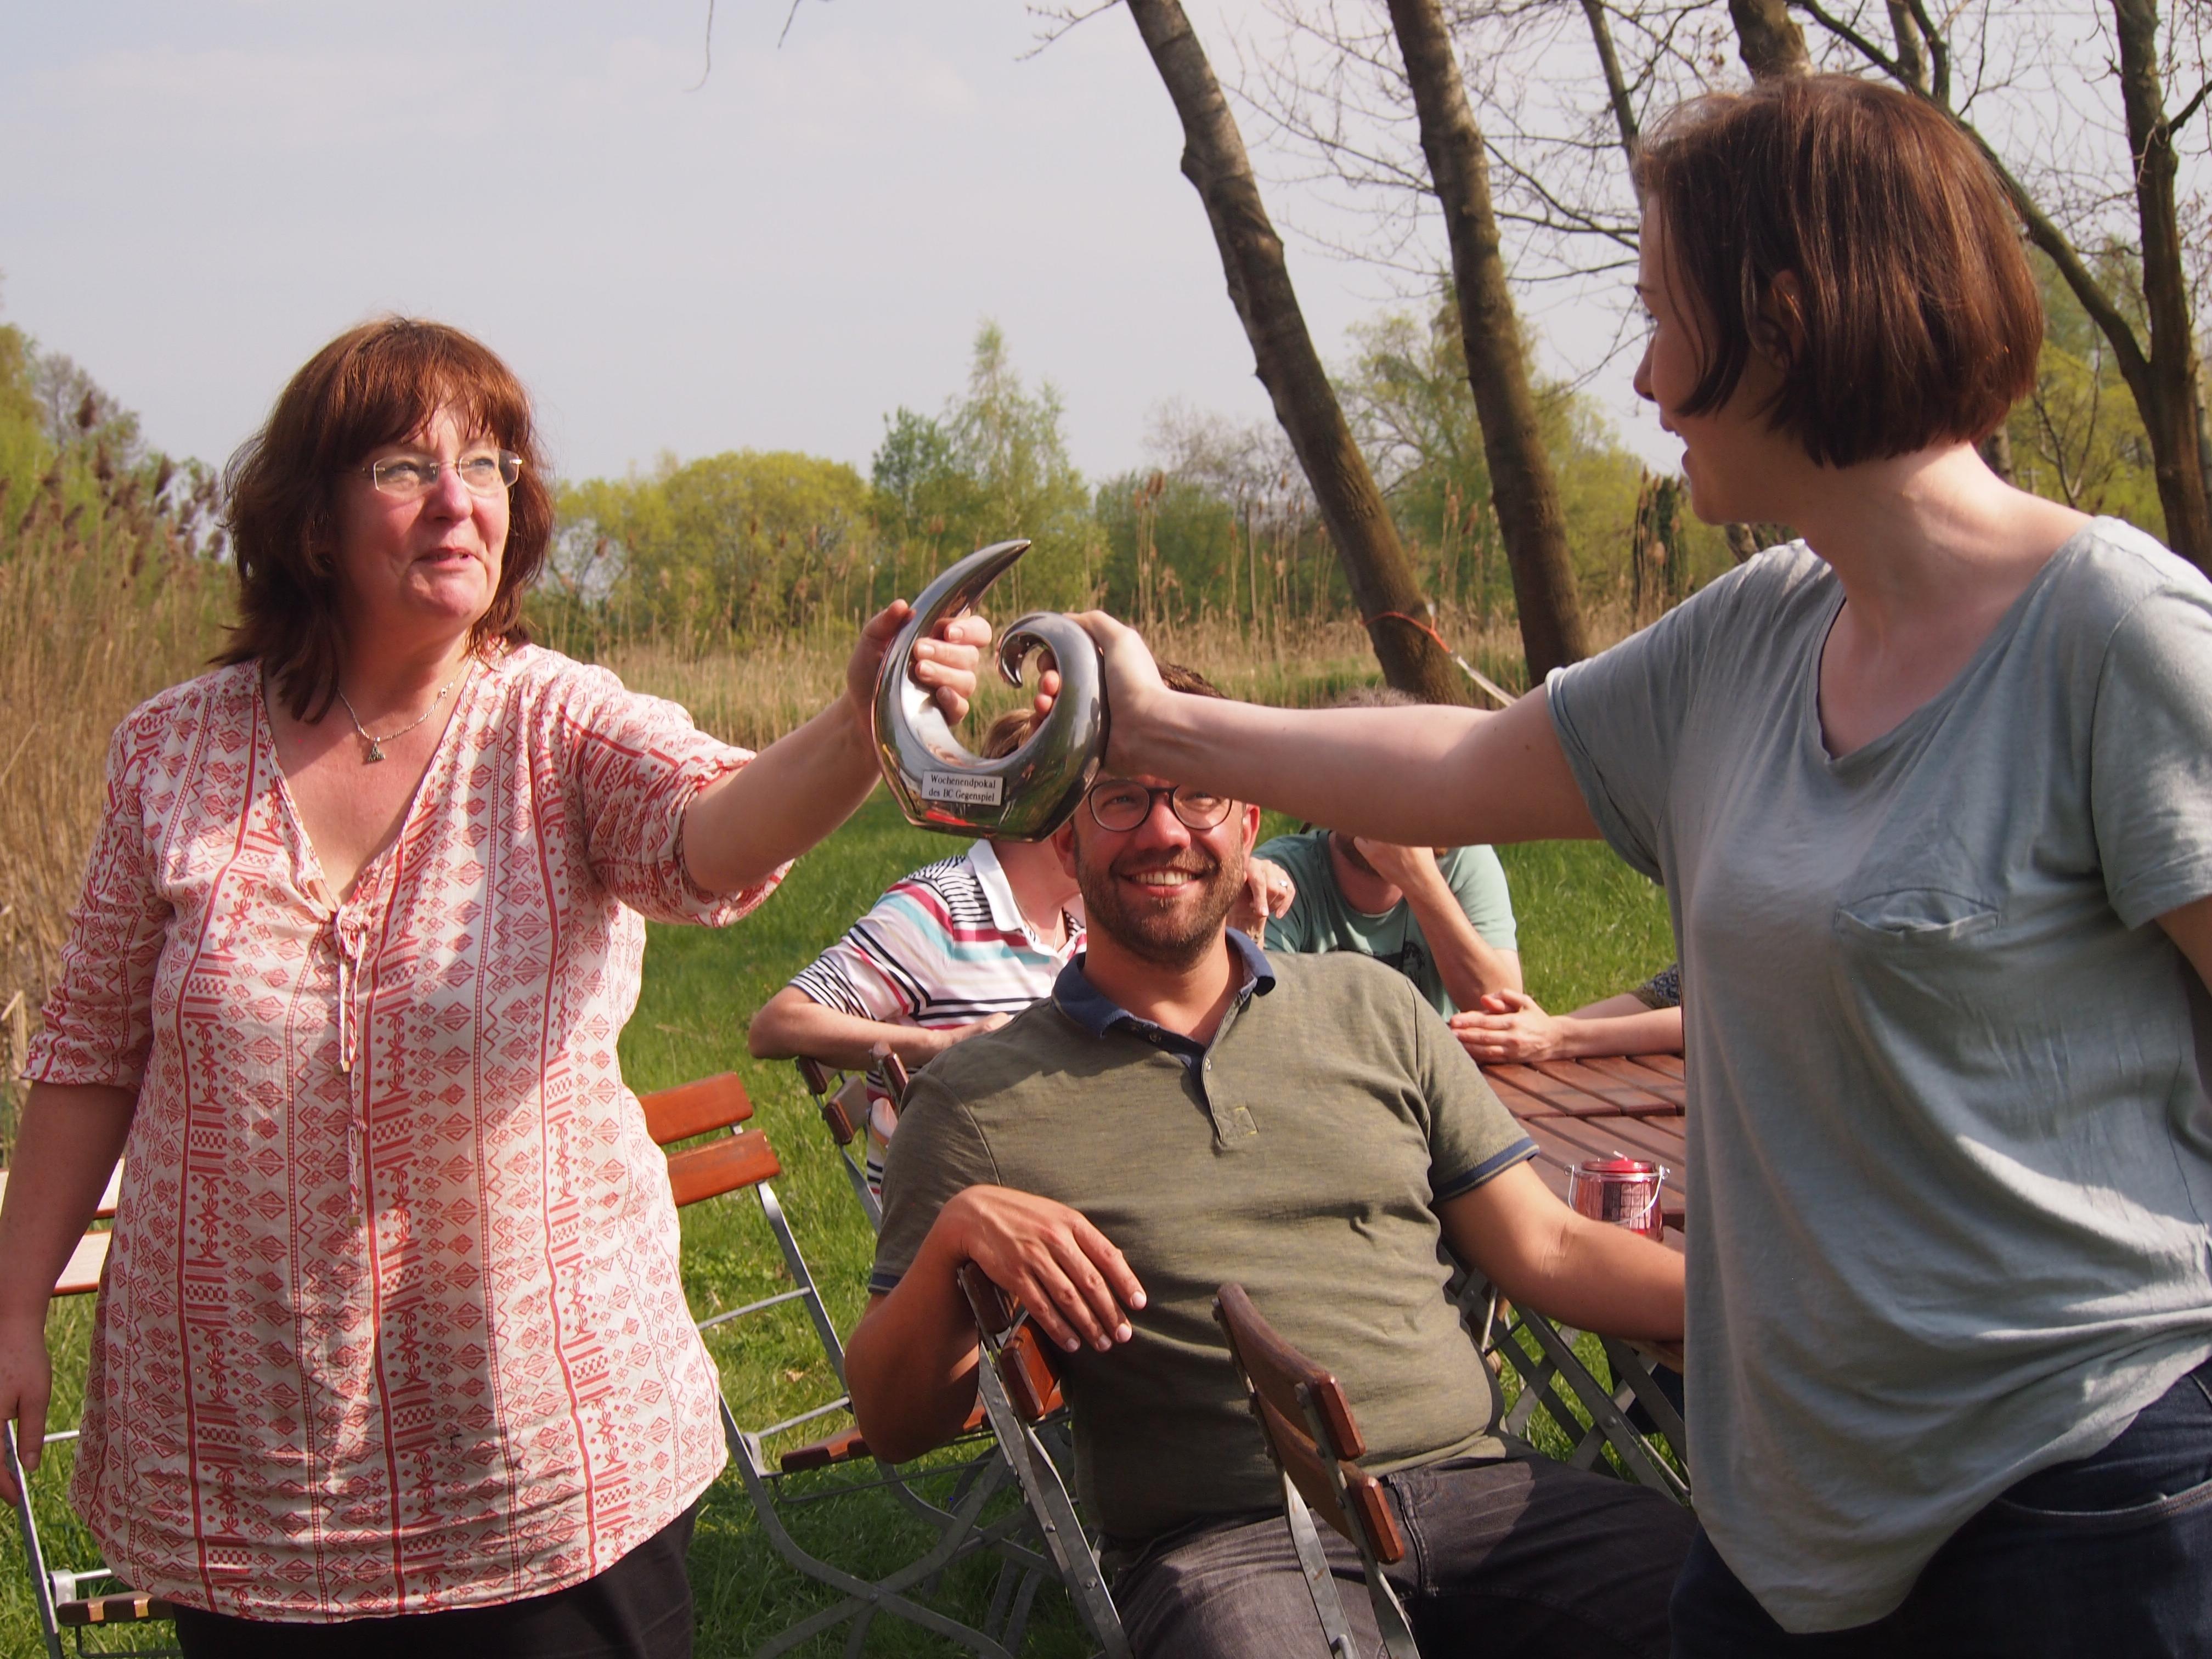 Karin und Mieke im Ringen um den Pokal